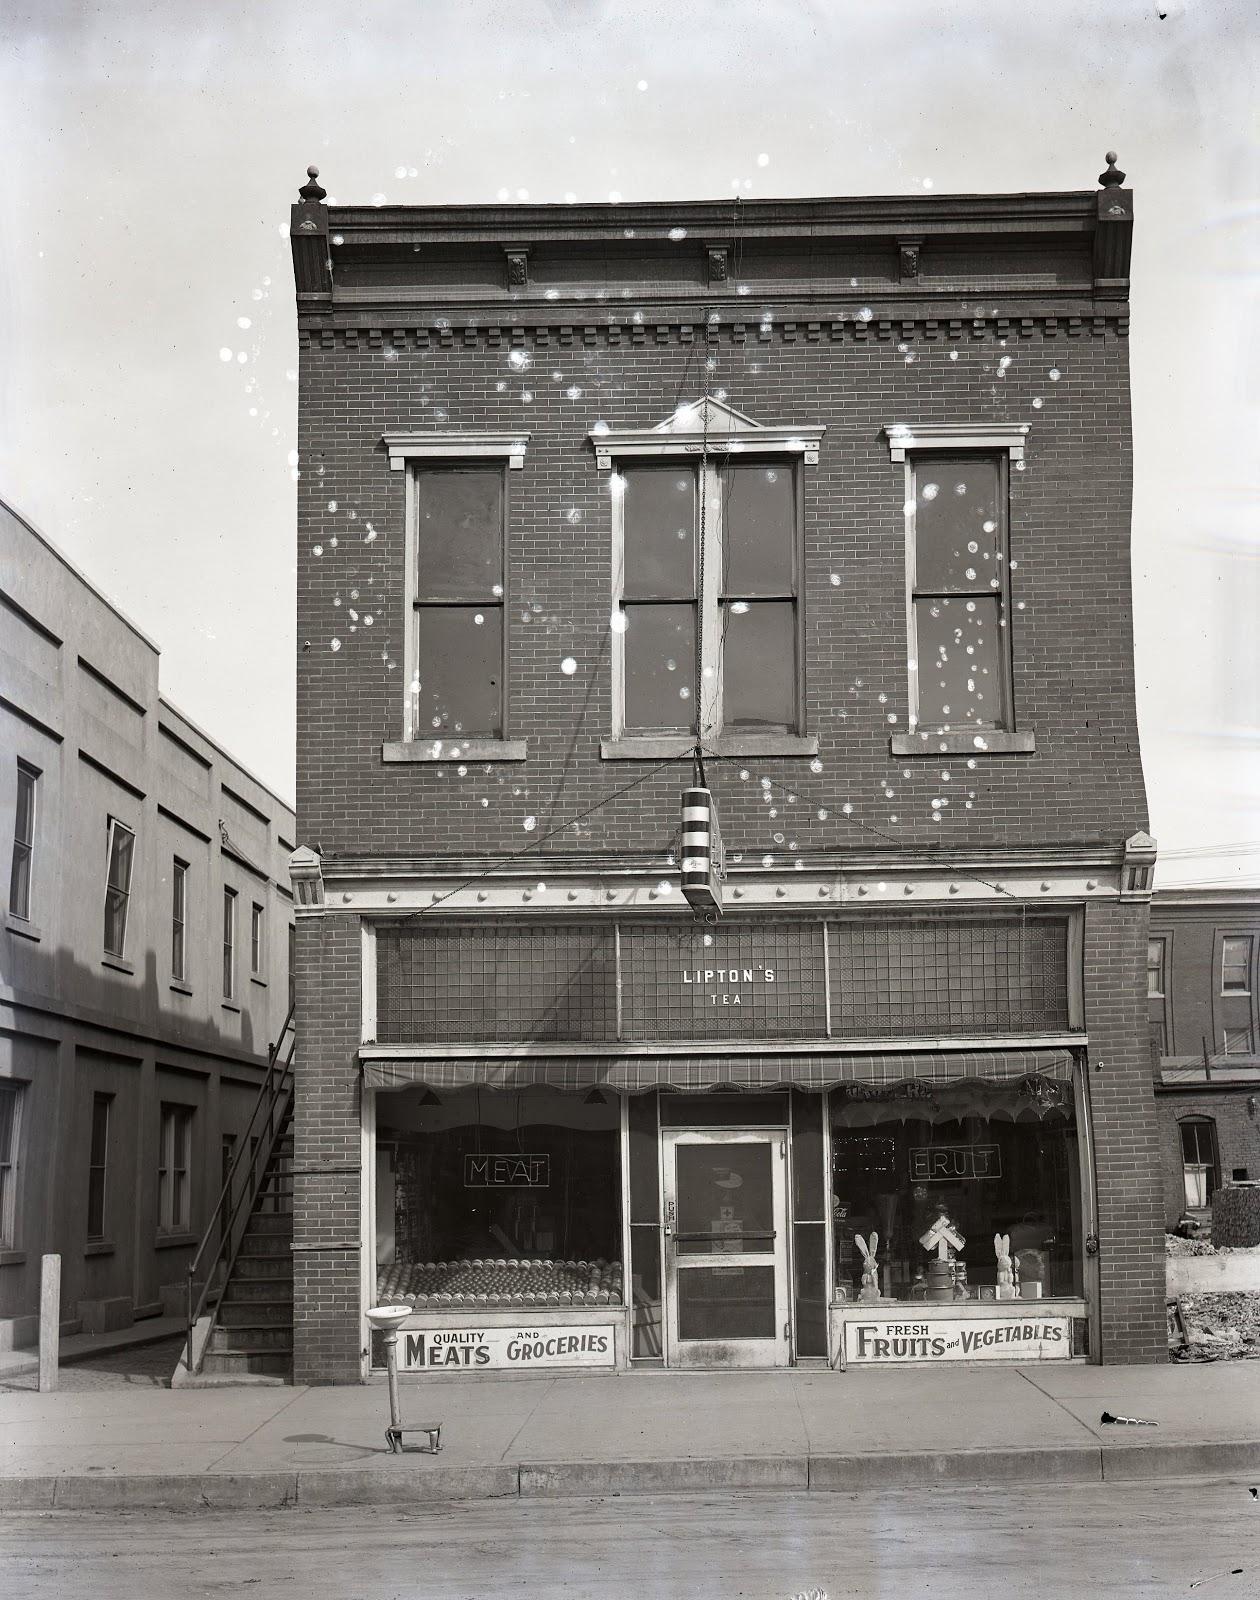 Kansas dickinson county abilene - The Broadway Market In Abilene Kansas